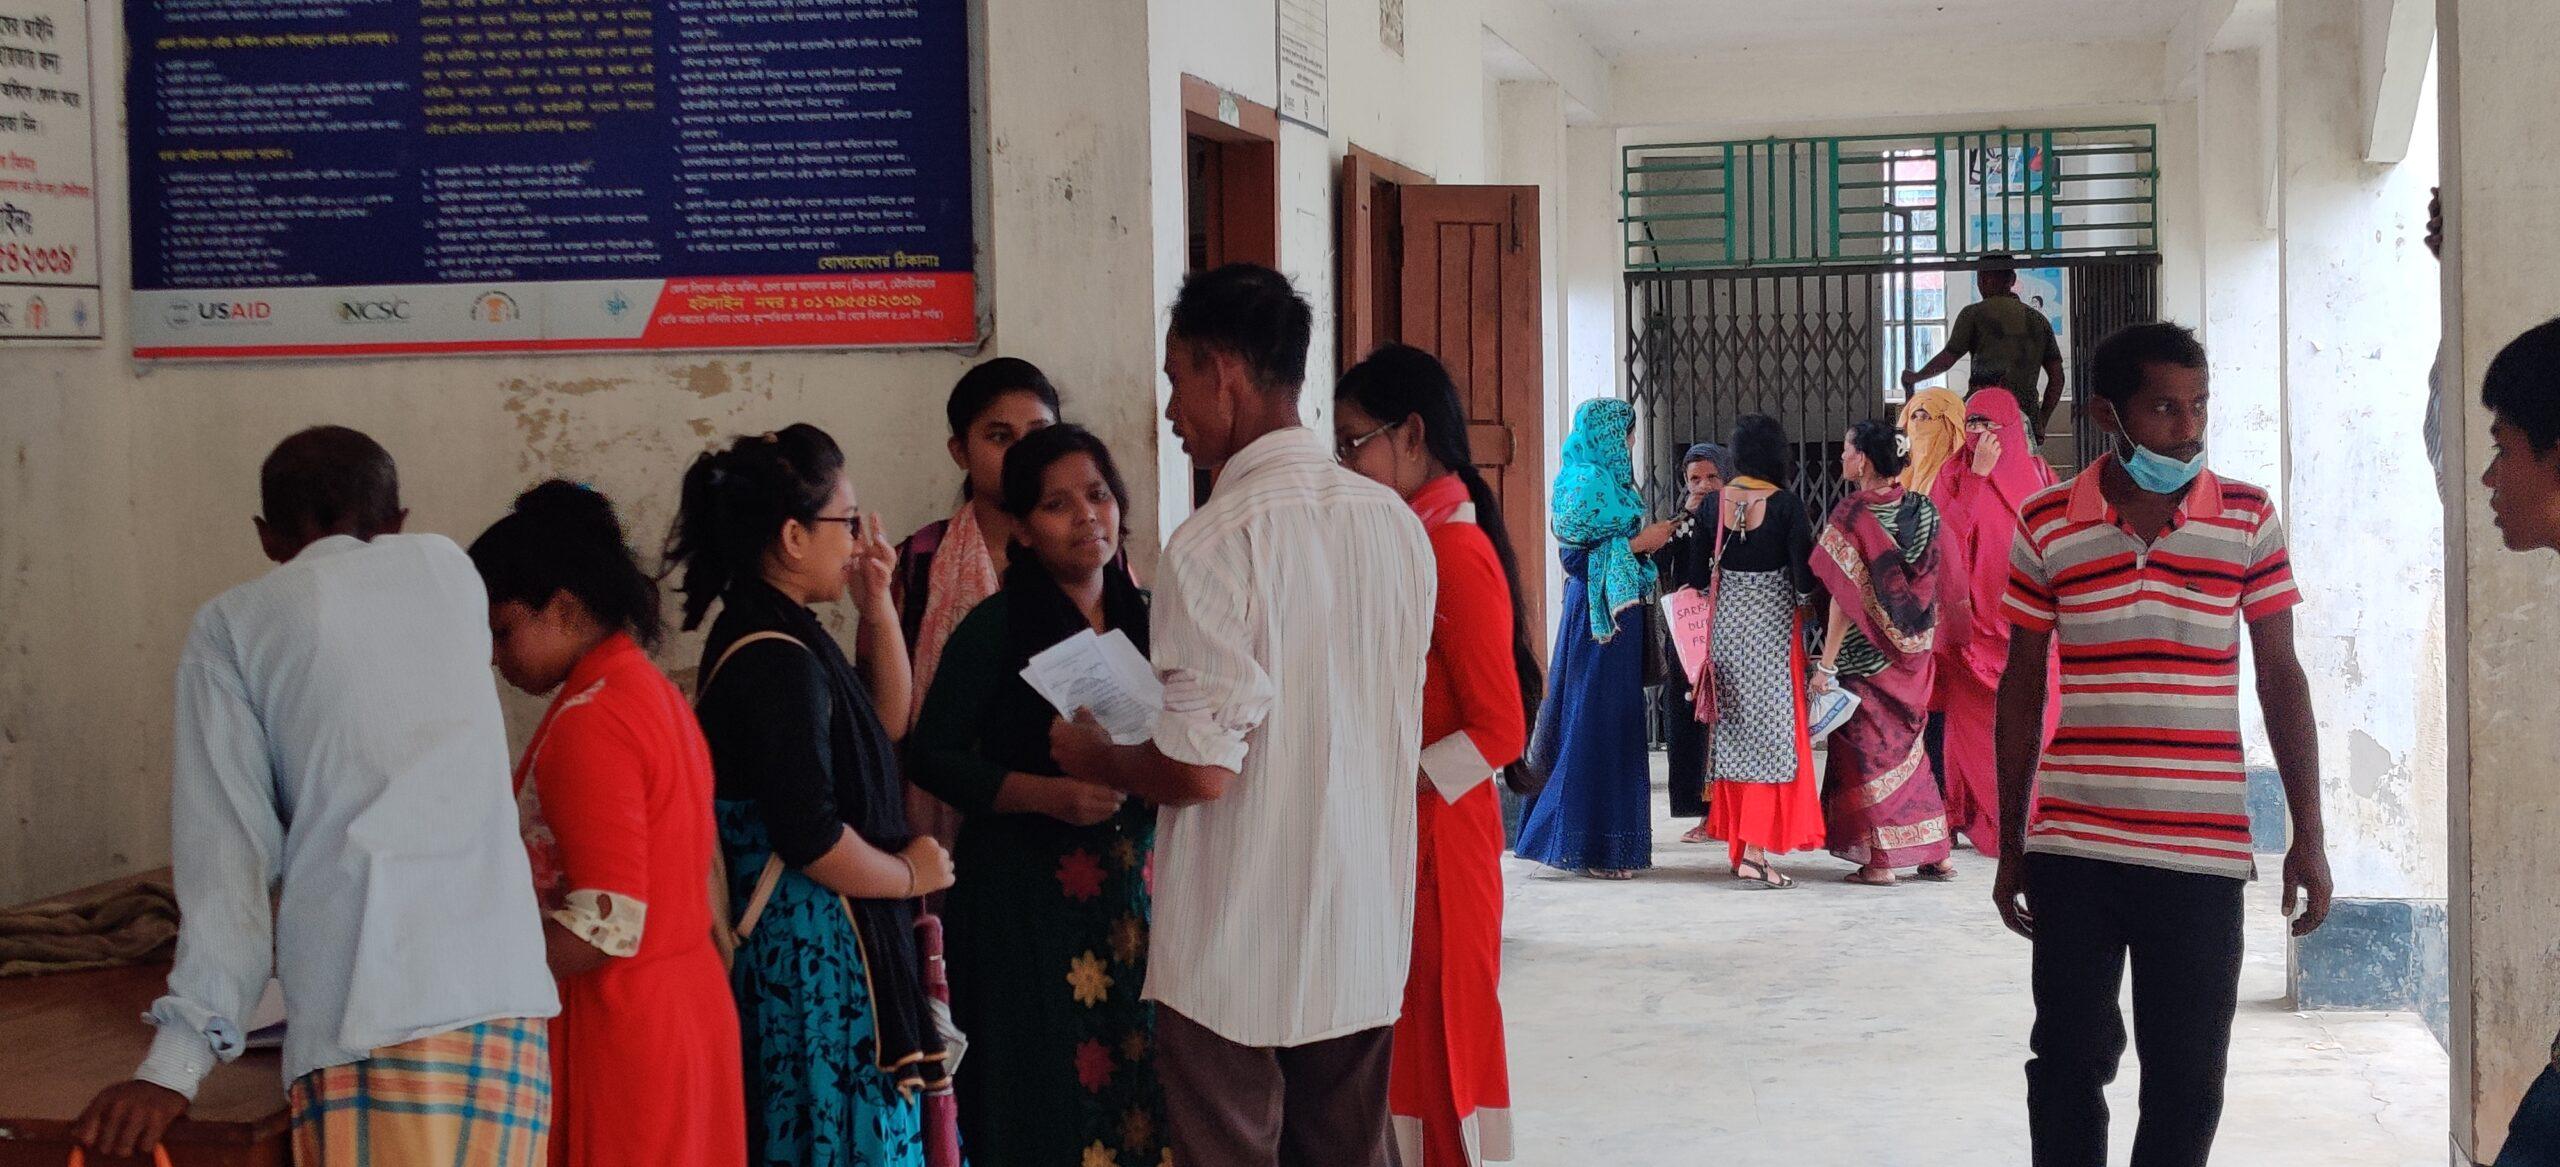 ইউনিক আইডি কার্যক্রমঃ কমলগঞ্জে শিক্ষার্থী ও অভিভাবকদের চরম ভোগান্তি